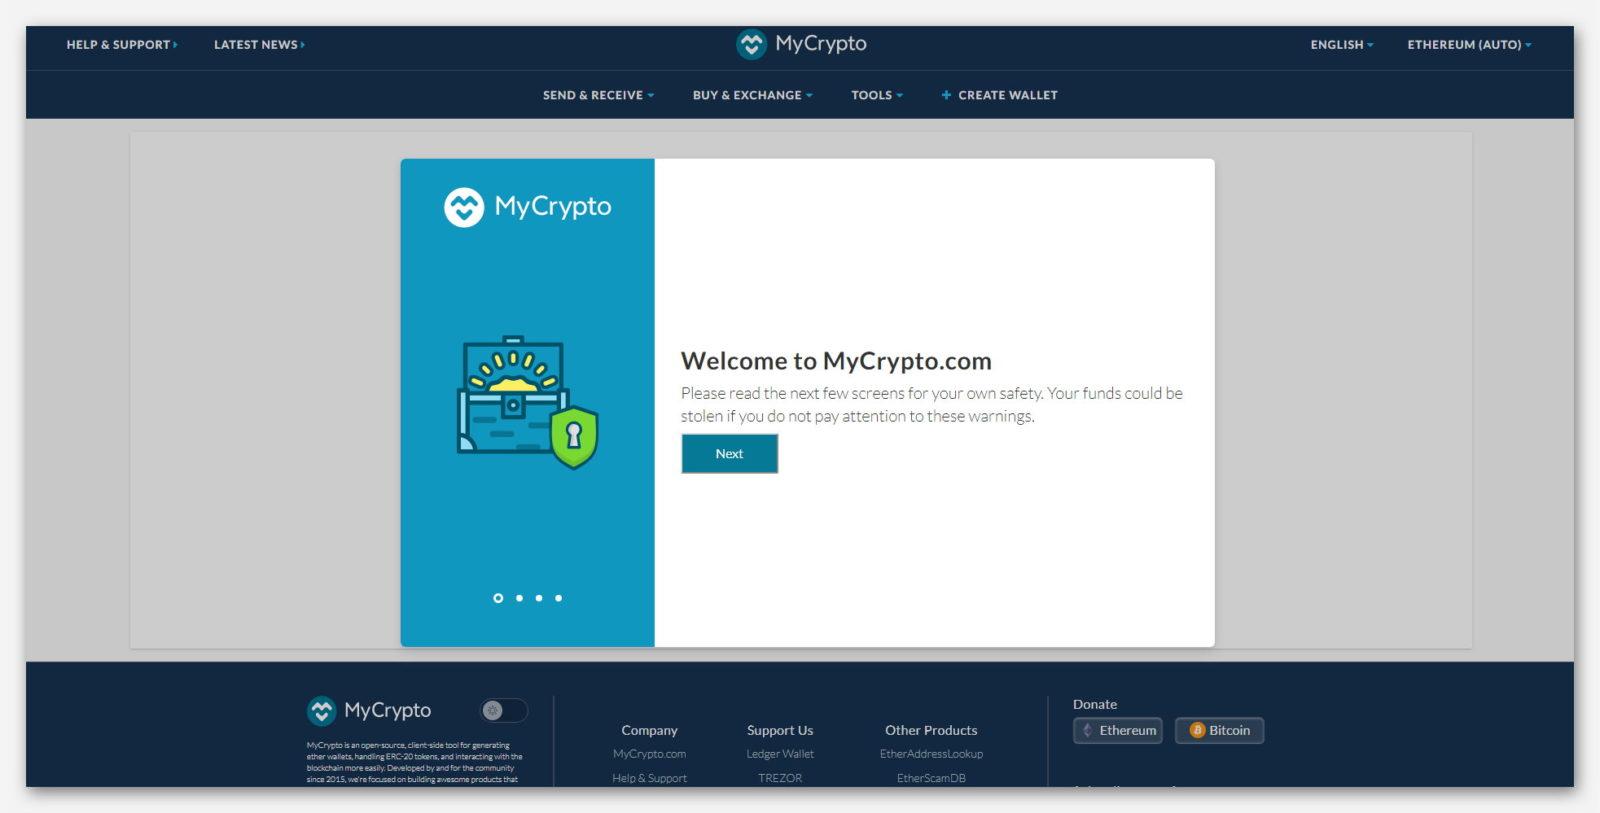 Главная страница Ethereum кошелька MyCrypto